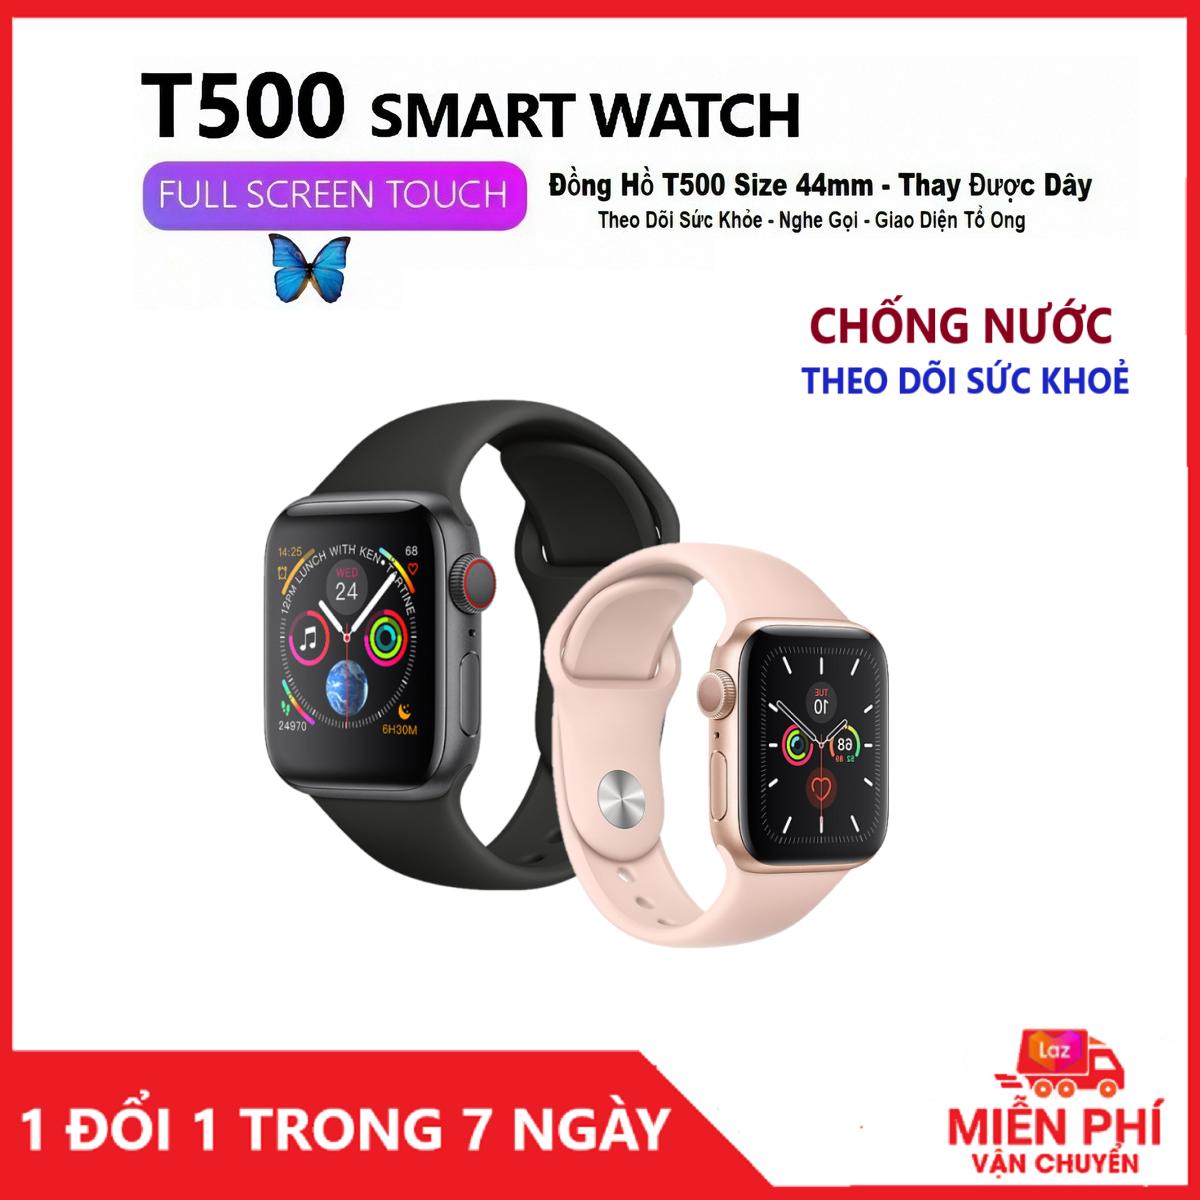 Đồng Hồ Thông Minh Apples Smart Watch Series 5 T500 Cao Cấp, Chống Nước -Thay Hình Nền Theo Ý Muốn - Gọi Điện Nghe Nhạc Trực Tiếp - Thông Báo Tin Nhắn - Giao diện 100% Tiếng Việt